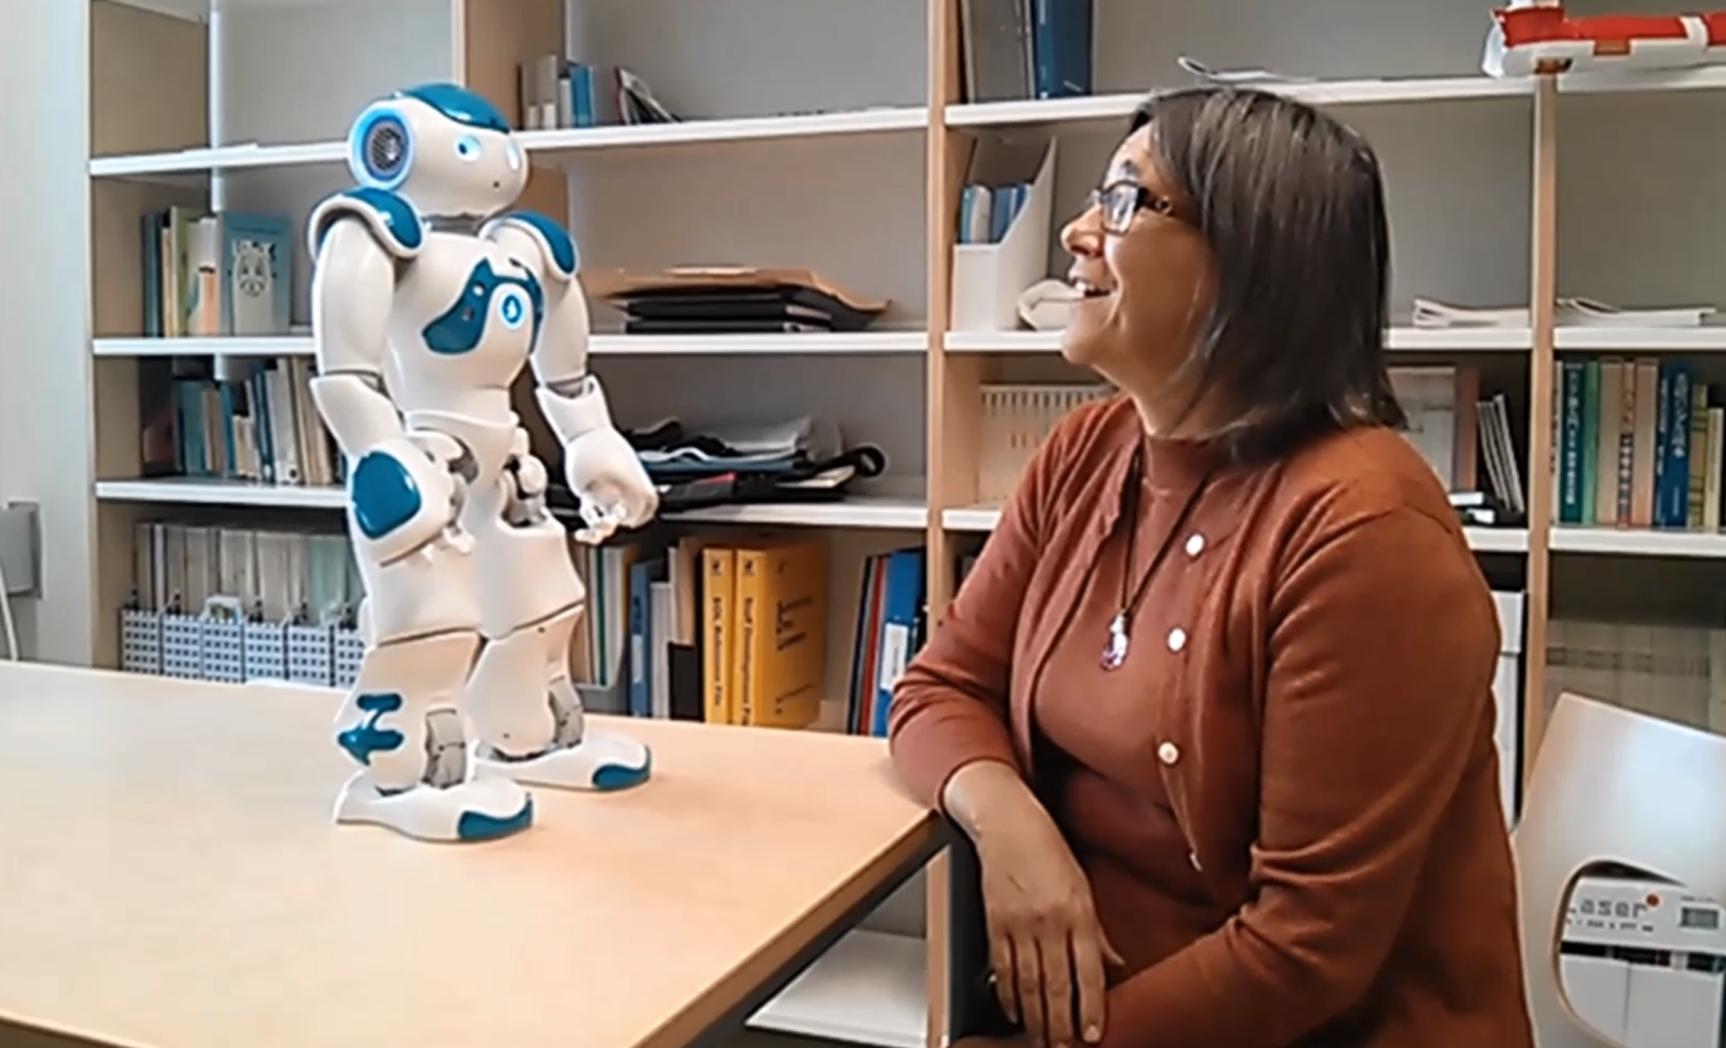 MoroTalk Finnish news-reading robot